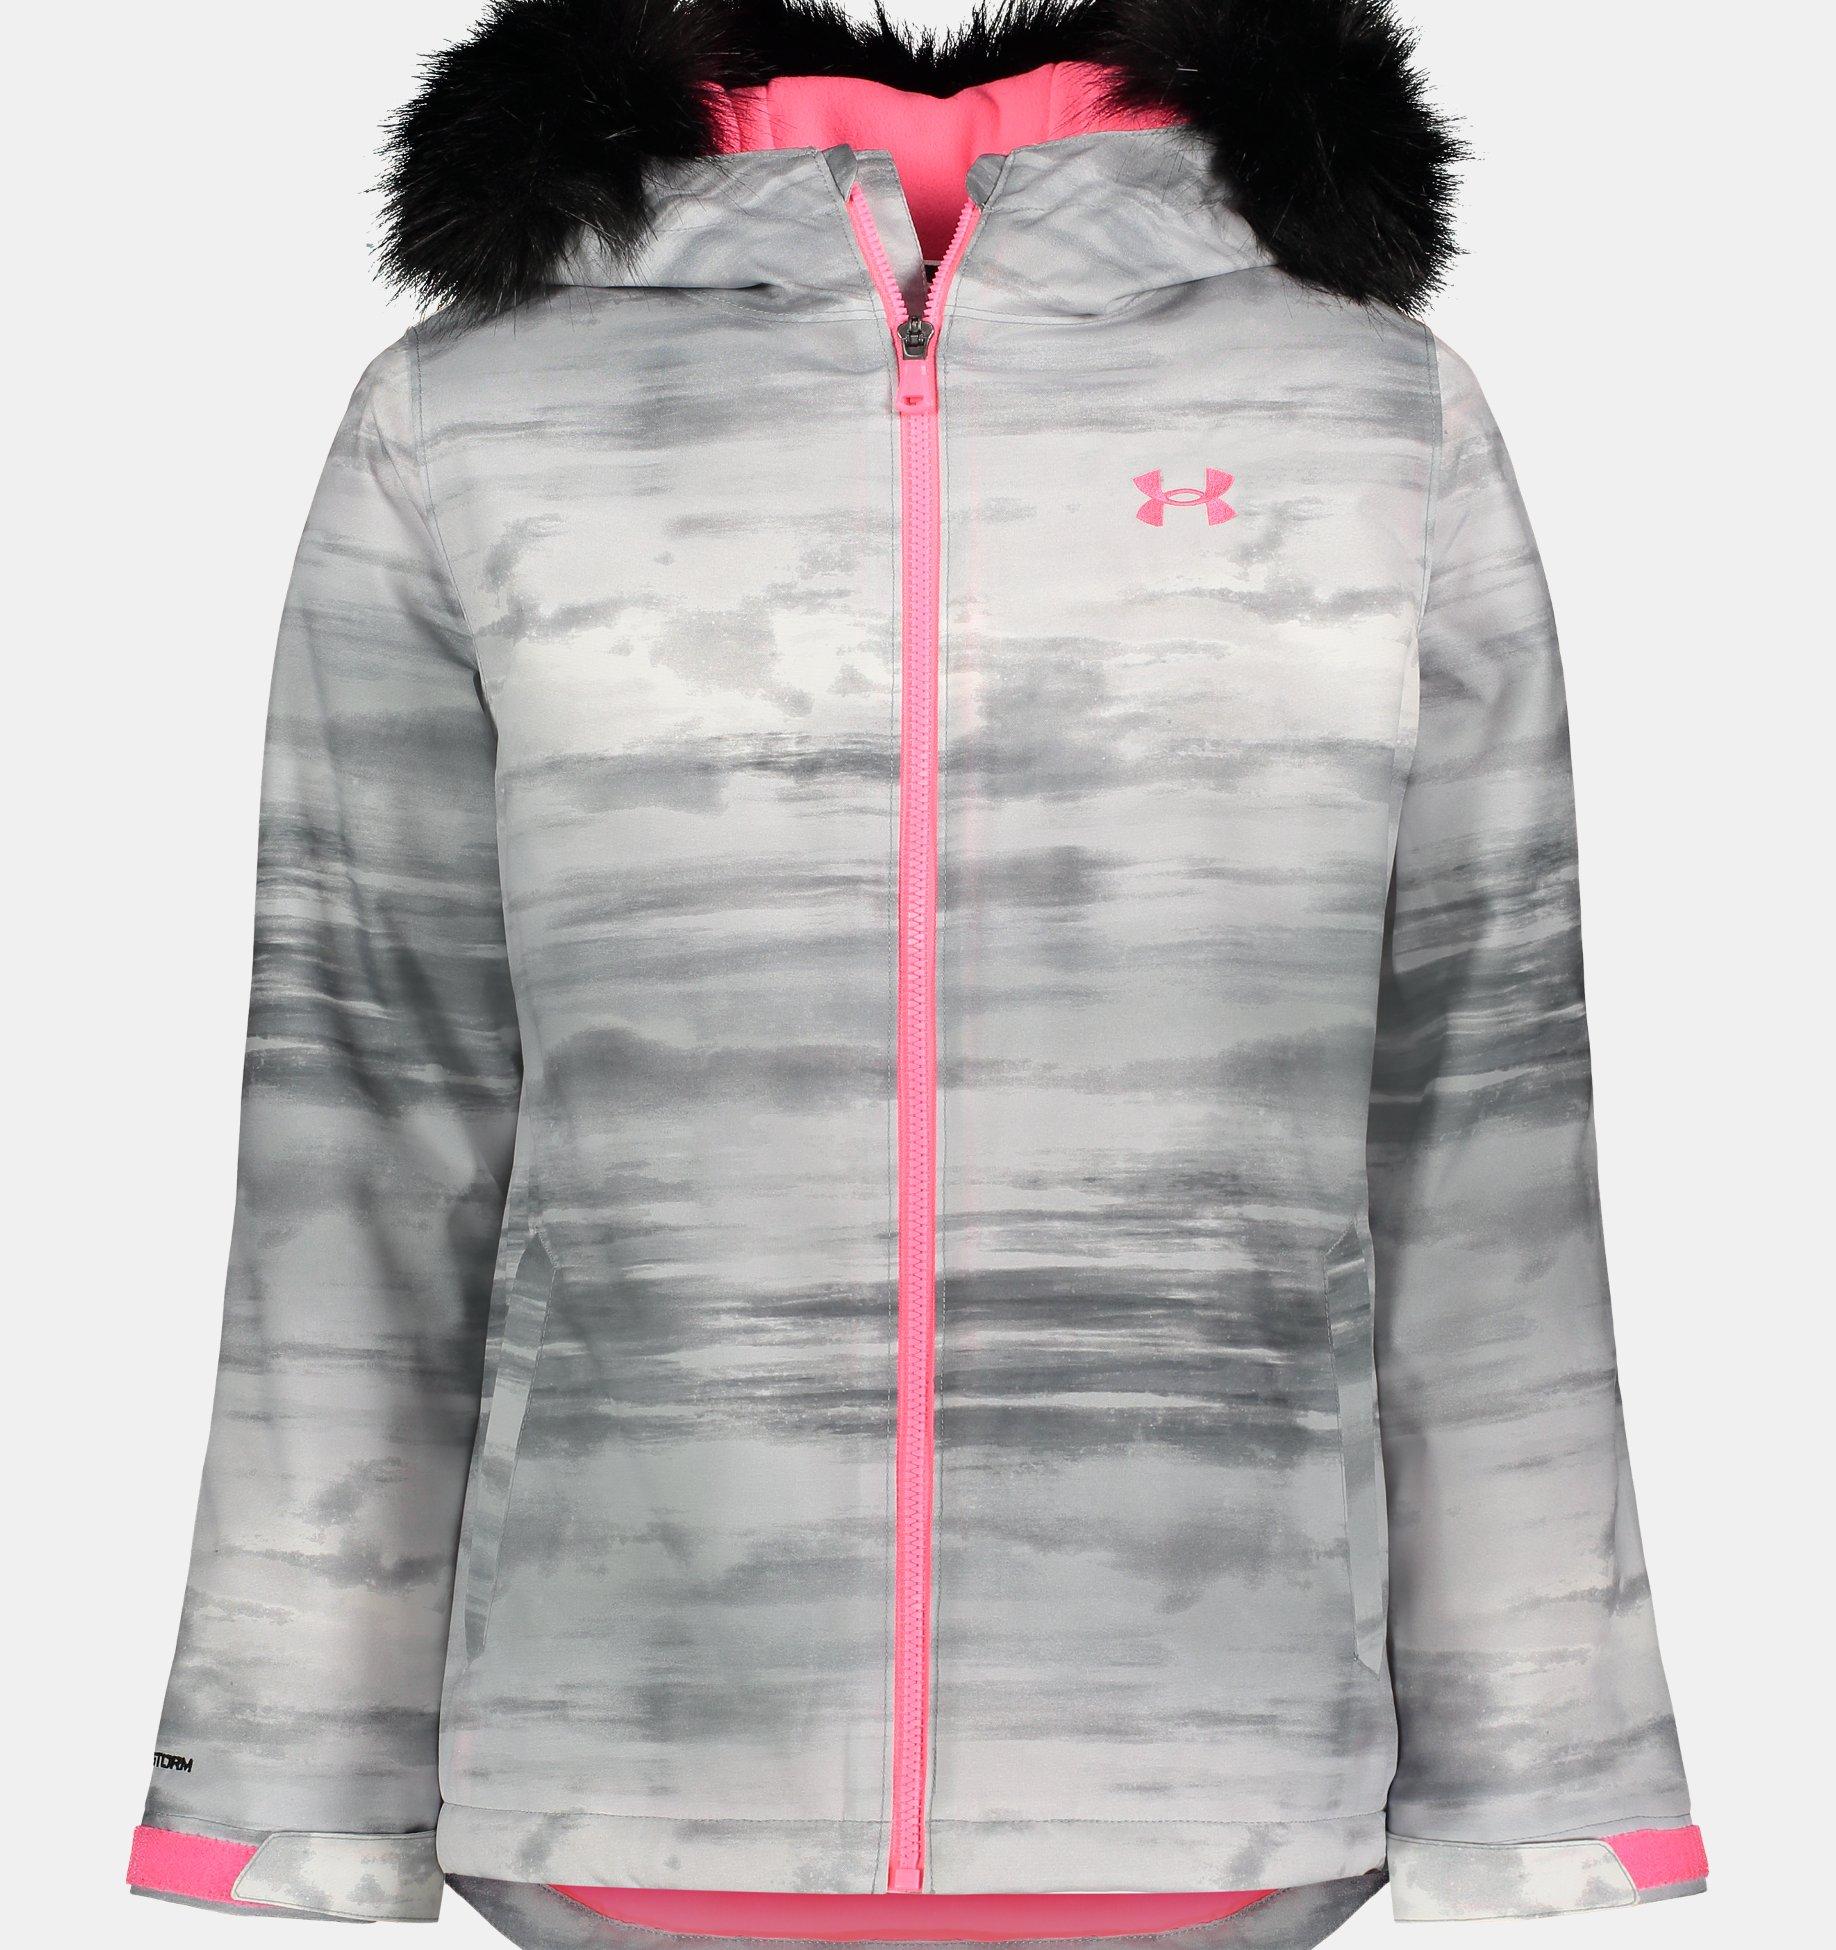 Underarmour Girls UA Laila Jacket